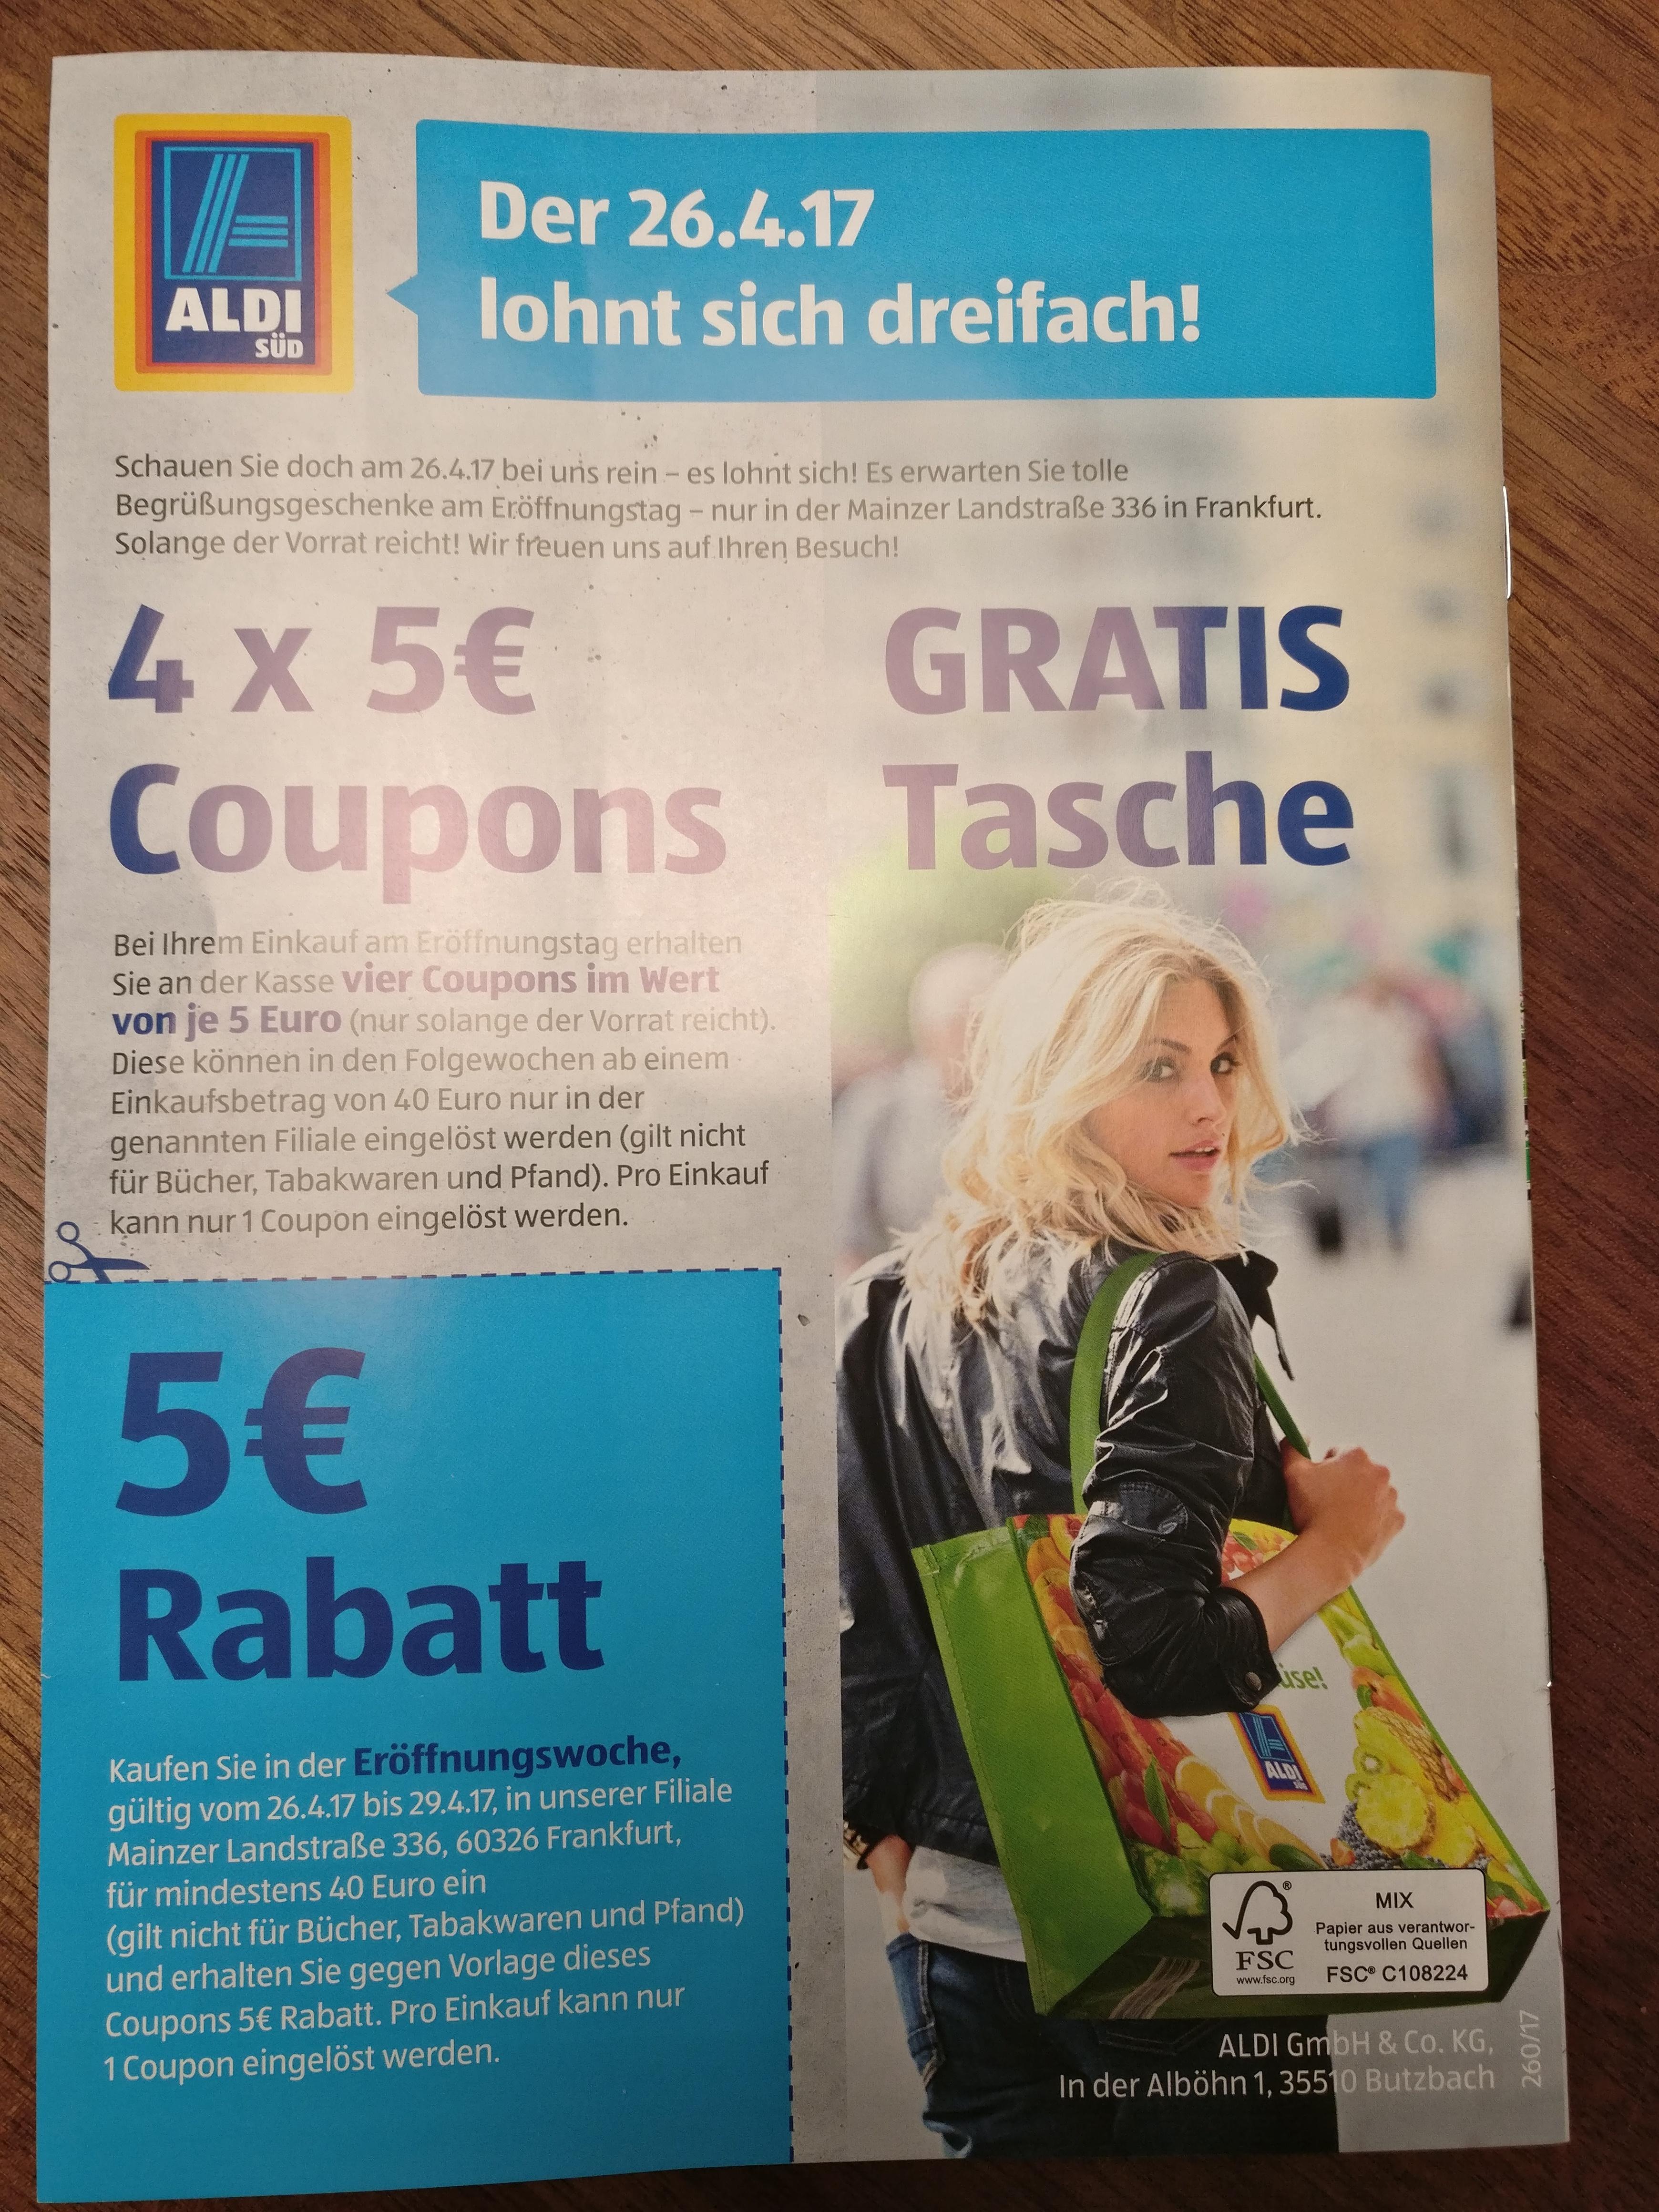 [Lokal] Eröffnungsrabatt Aldi, Mainzer Landstraße (FfM) + gratis Einkaufstasche